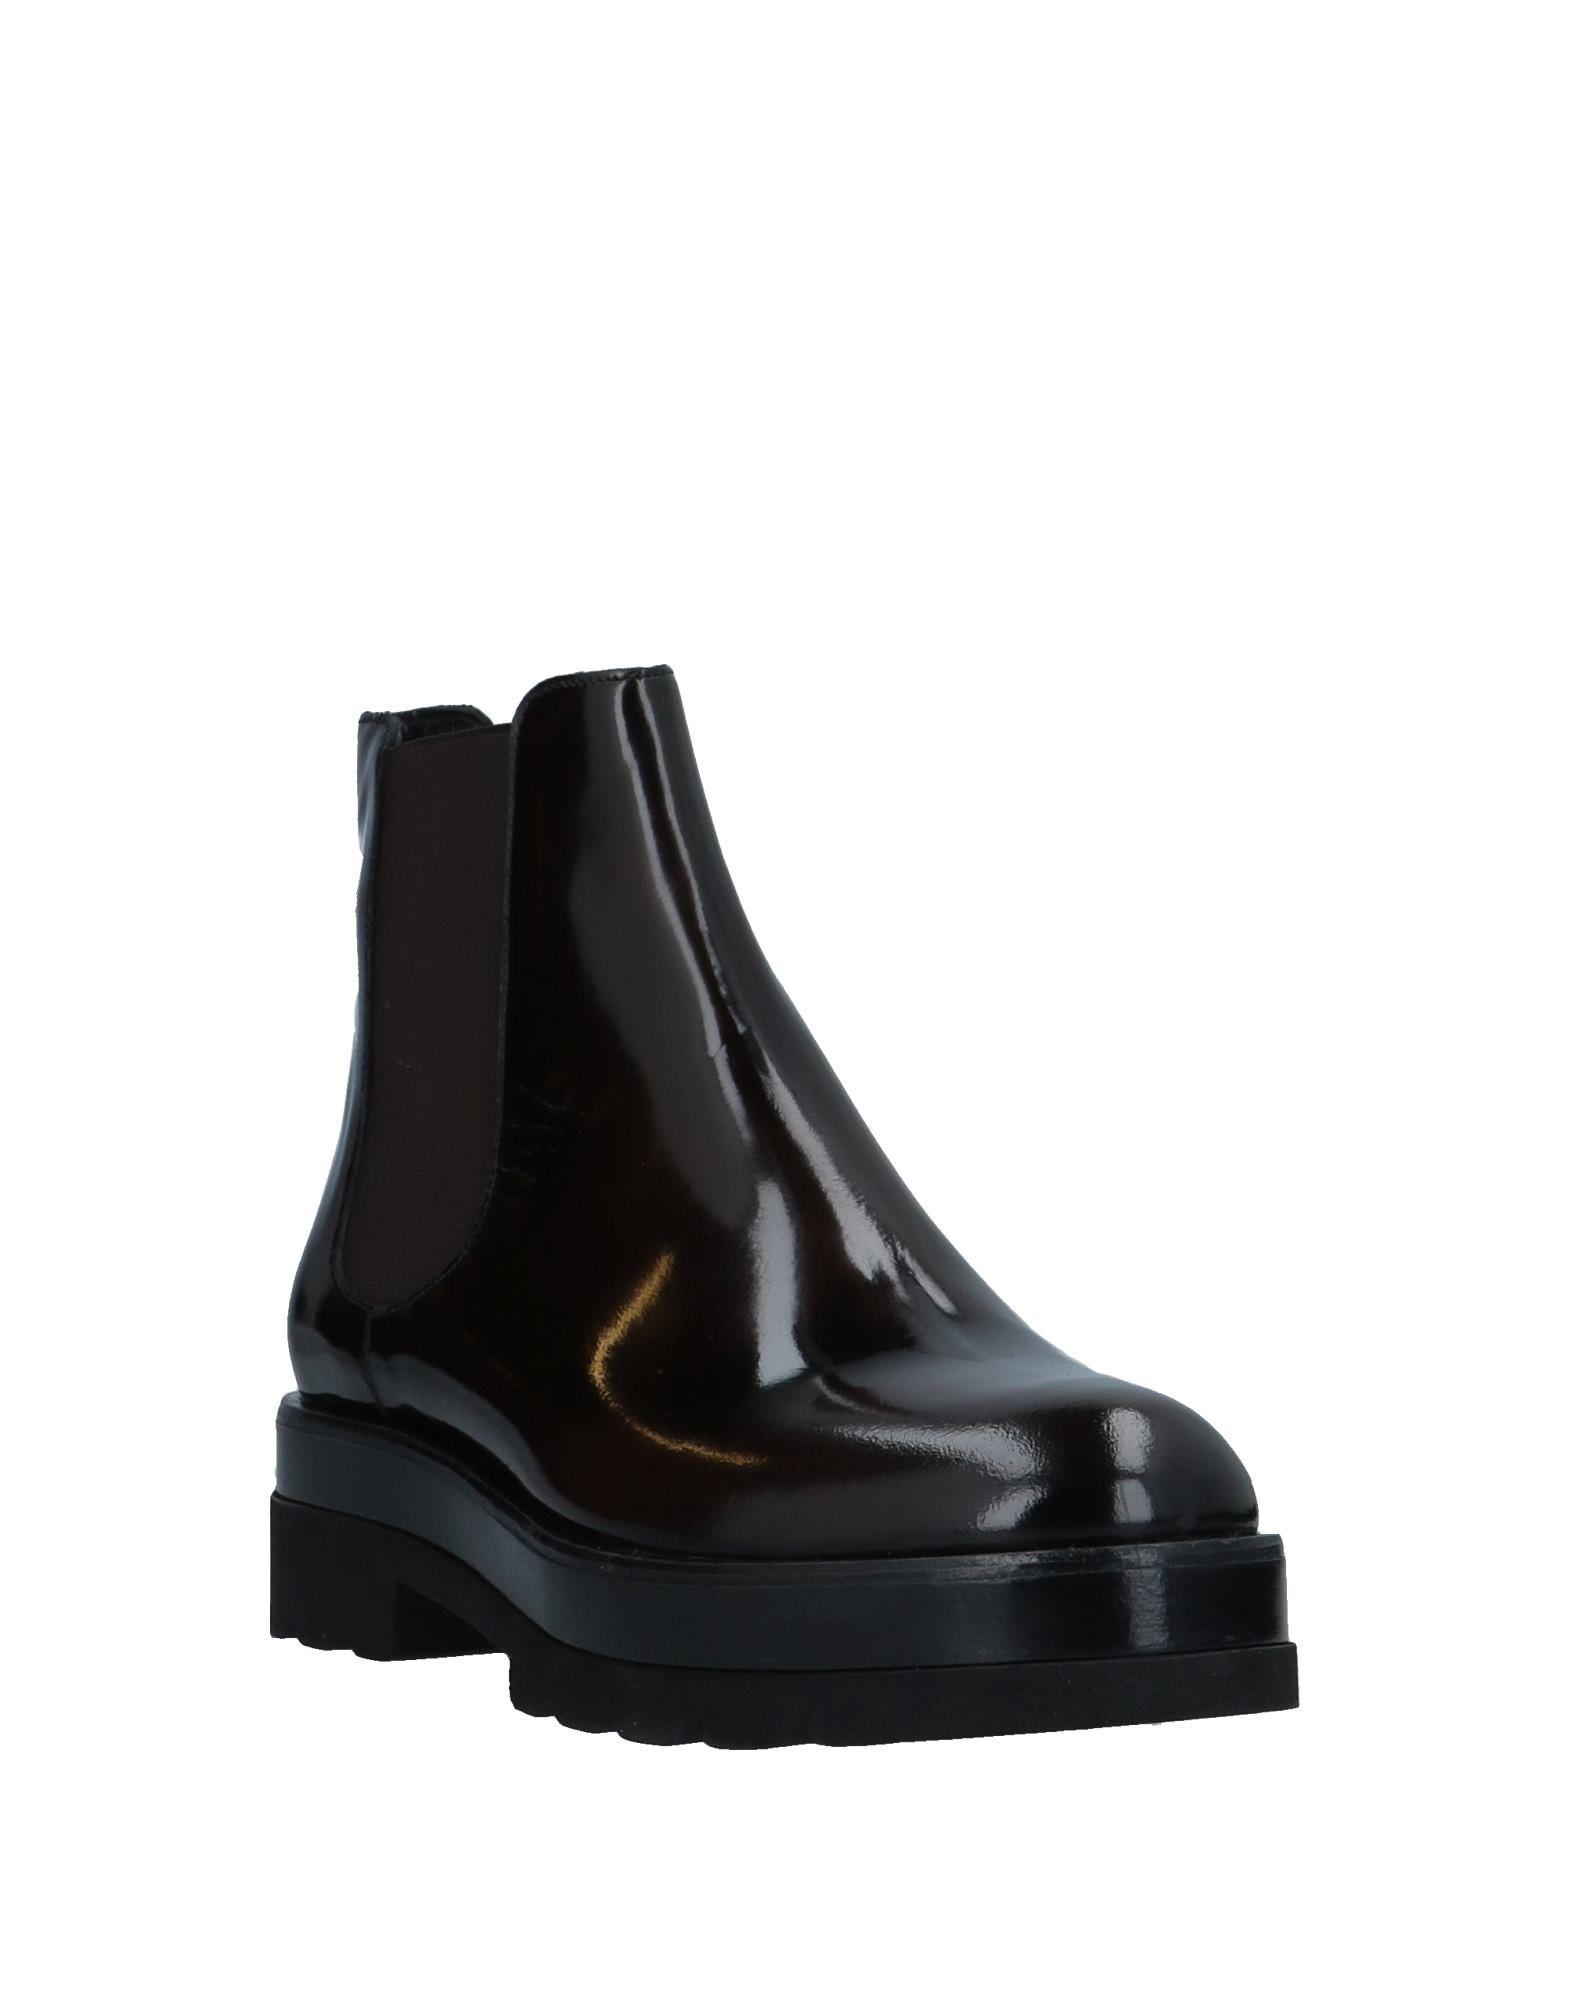 Le Gutes Ble Chelsea Boots Damen Gutes Le Preis-Leistungs-Verhältnis, es lohnt sich,Sonderangebot-3694 dc071c